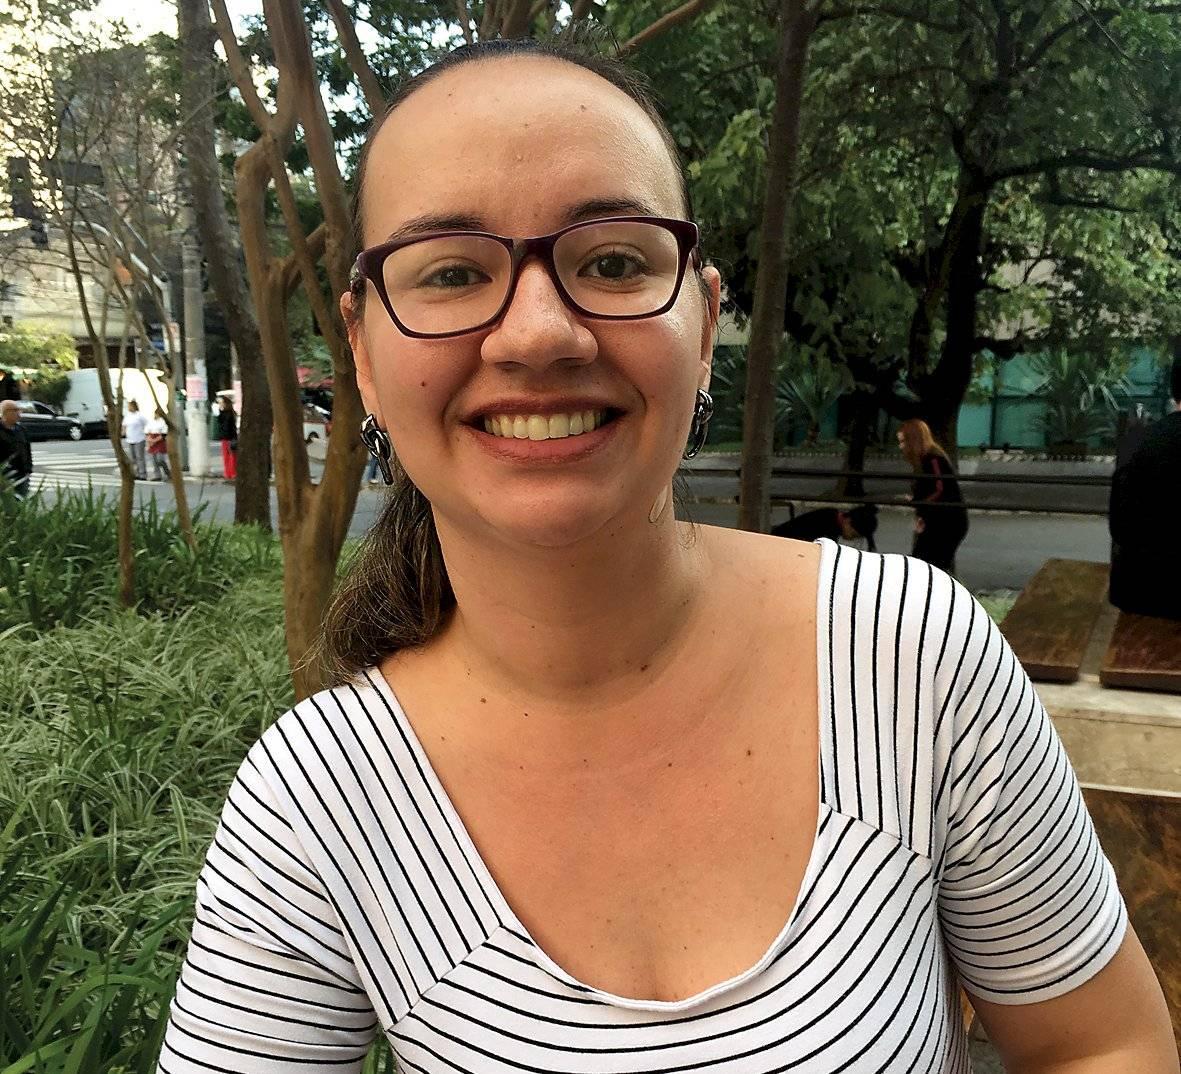 Tathyane Menezes, 34 anos, cozinheira, não-fumante Letícia Tanaka/Metro